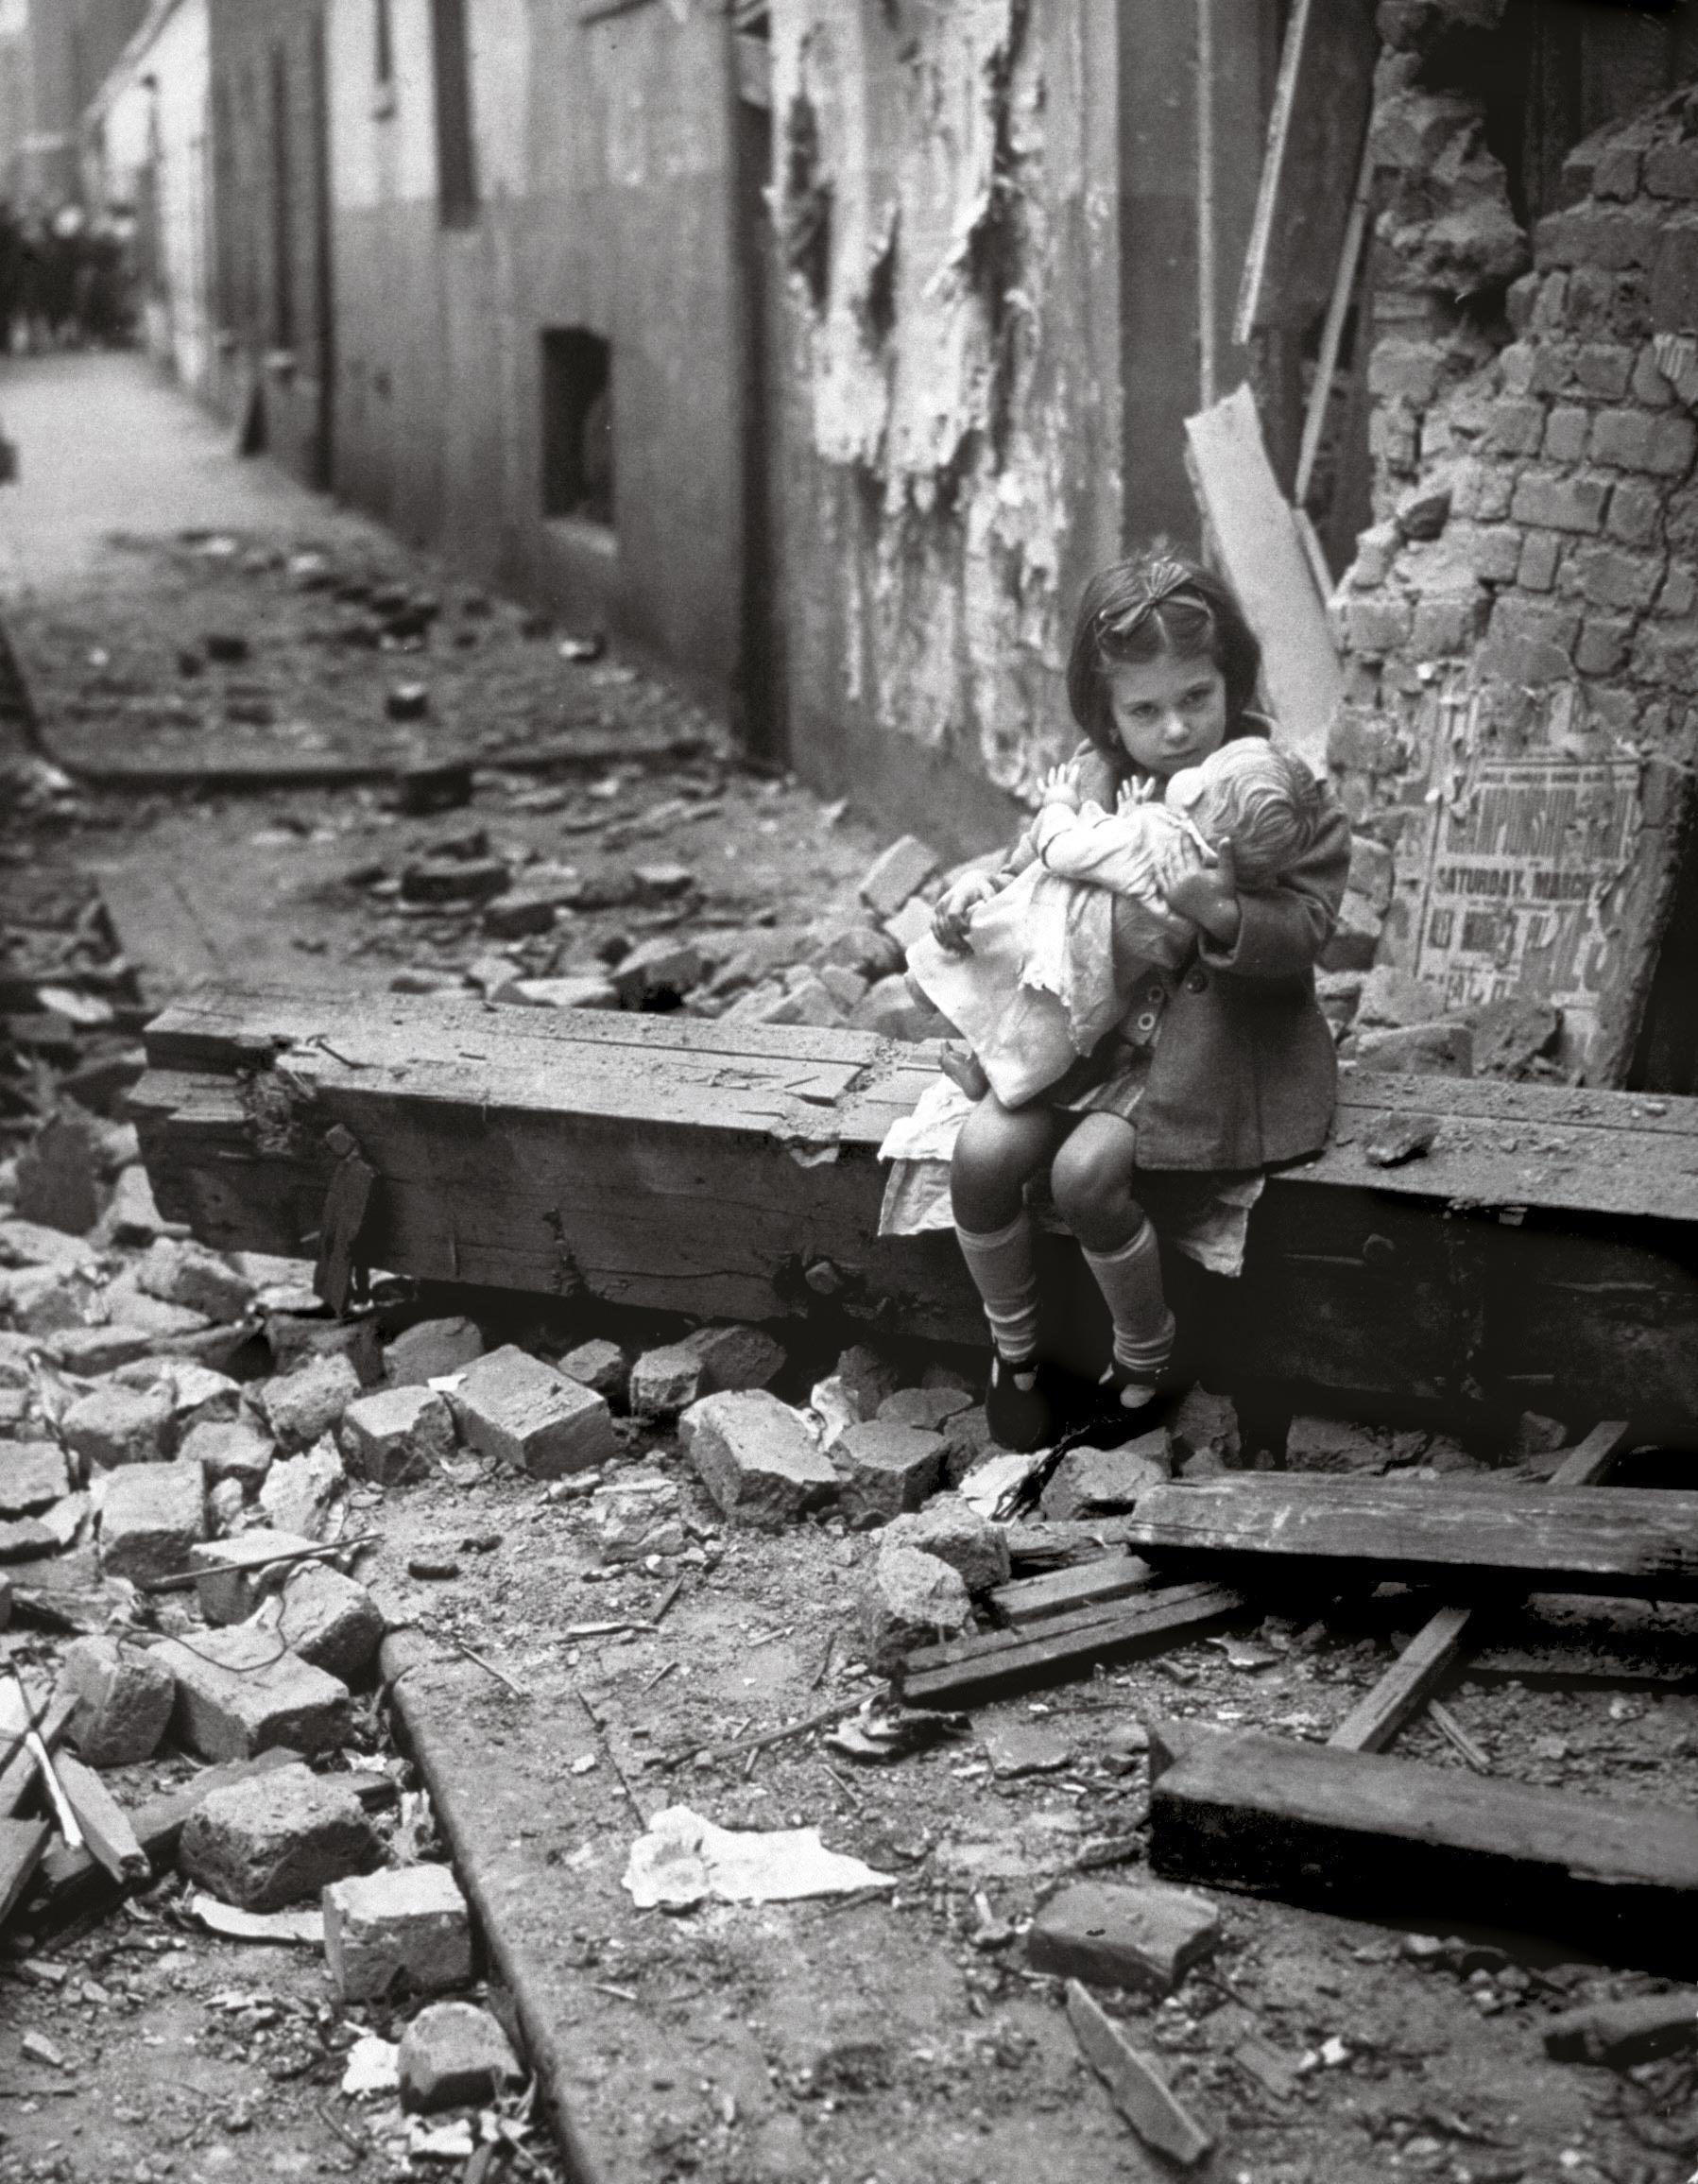 Une petite fille rassure sa poupée dans les décombres de sa maison bombardée